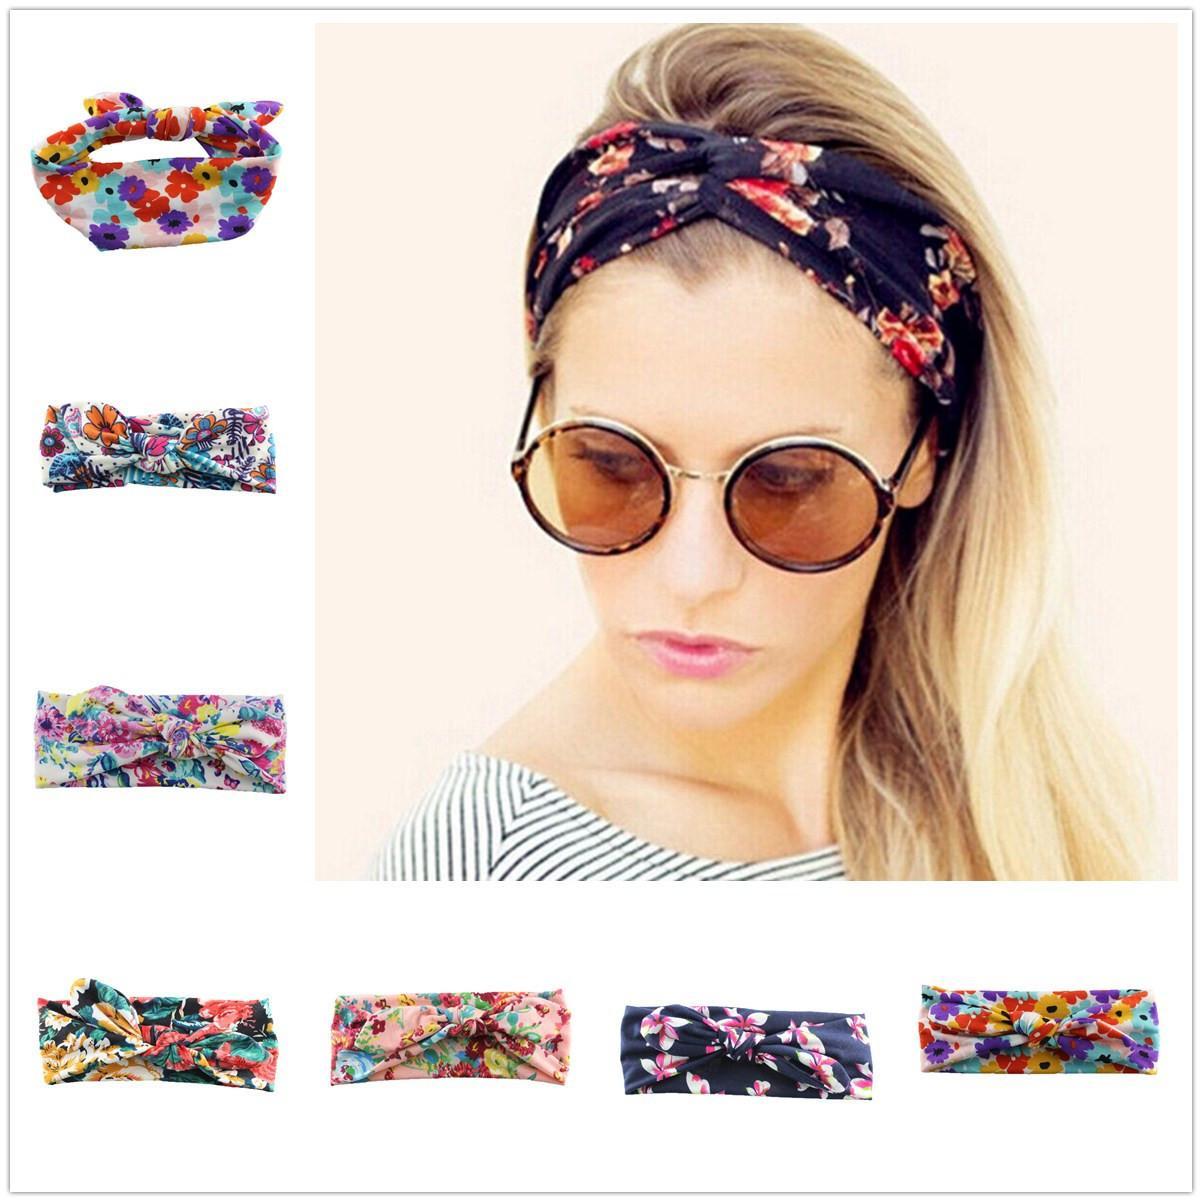 Color de la mezcla Adulto de impresión de algodón de flores Accesorios para el cabello Hair Band Diadema Bow niño pequeño Head Band